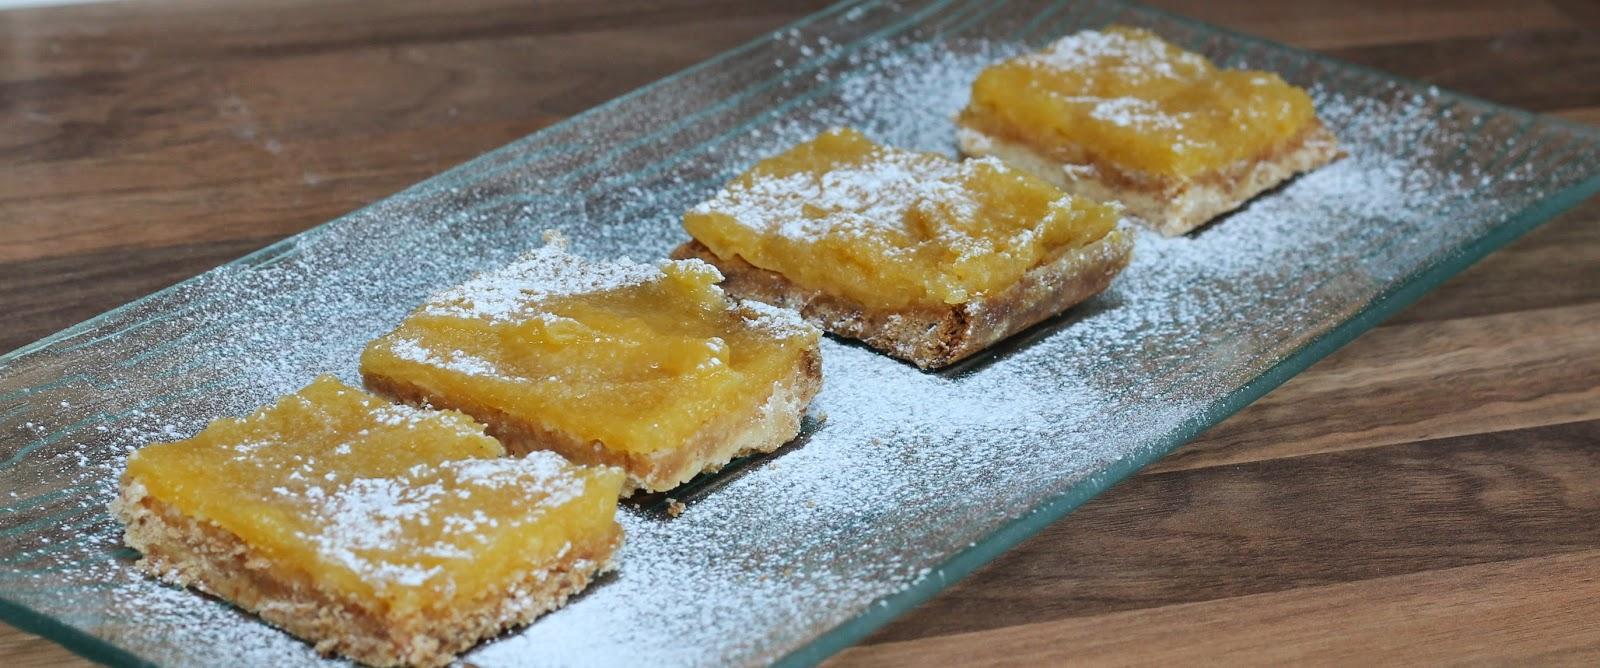 Brown butter shortbread lemon bars